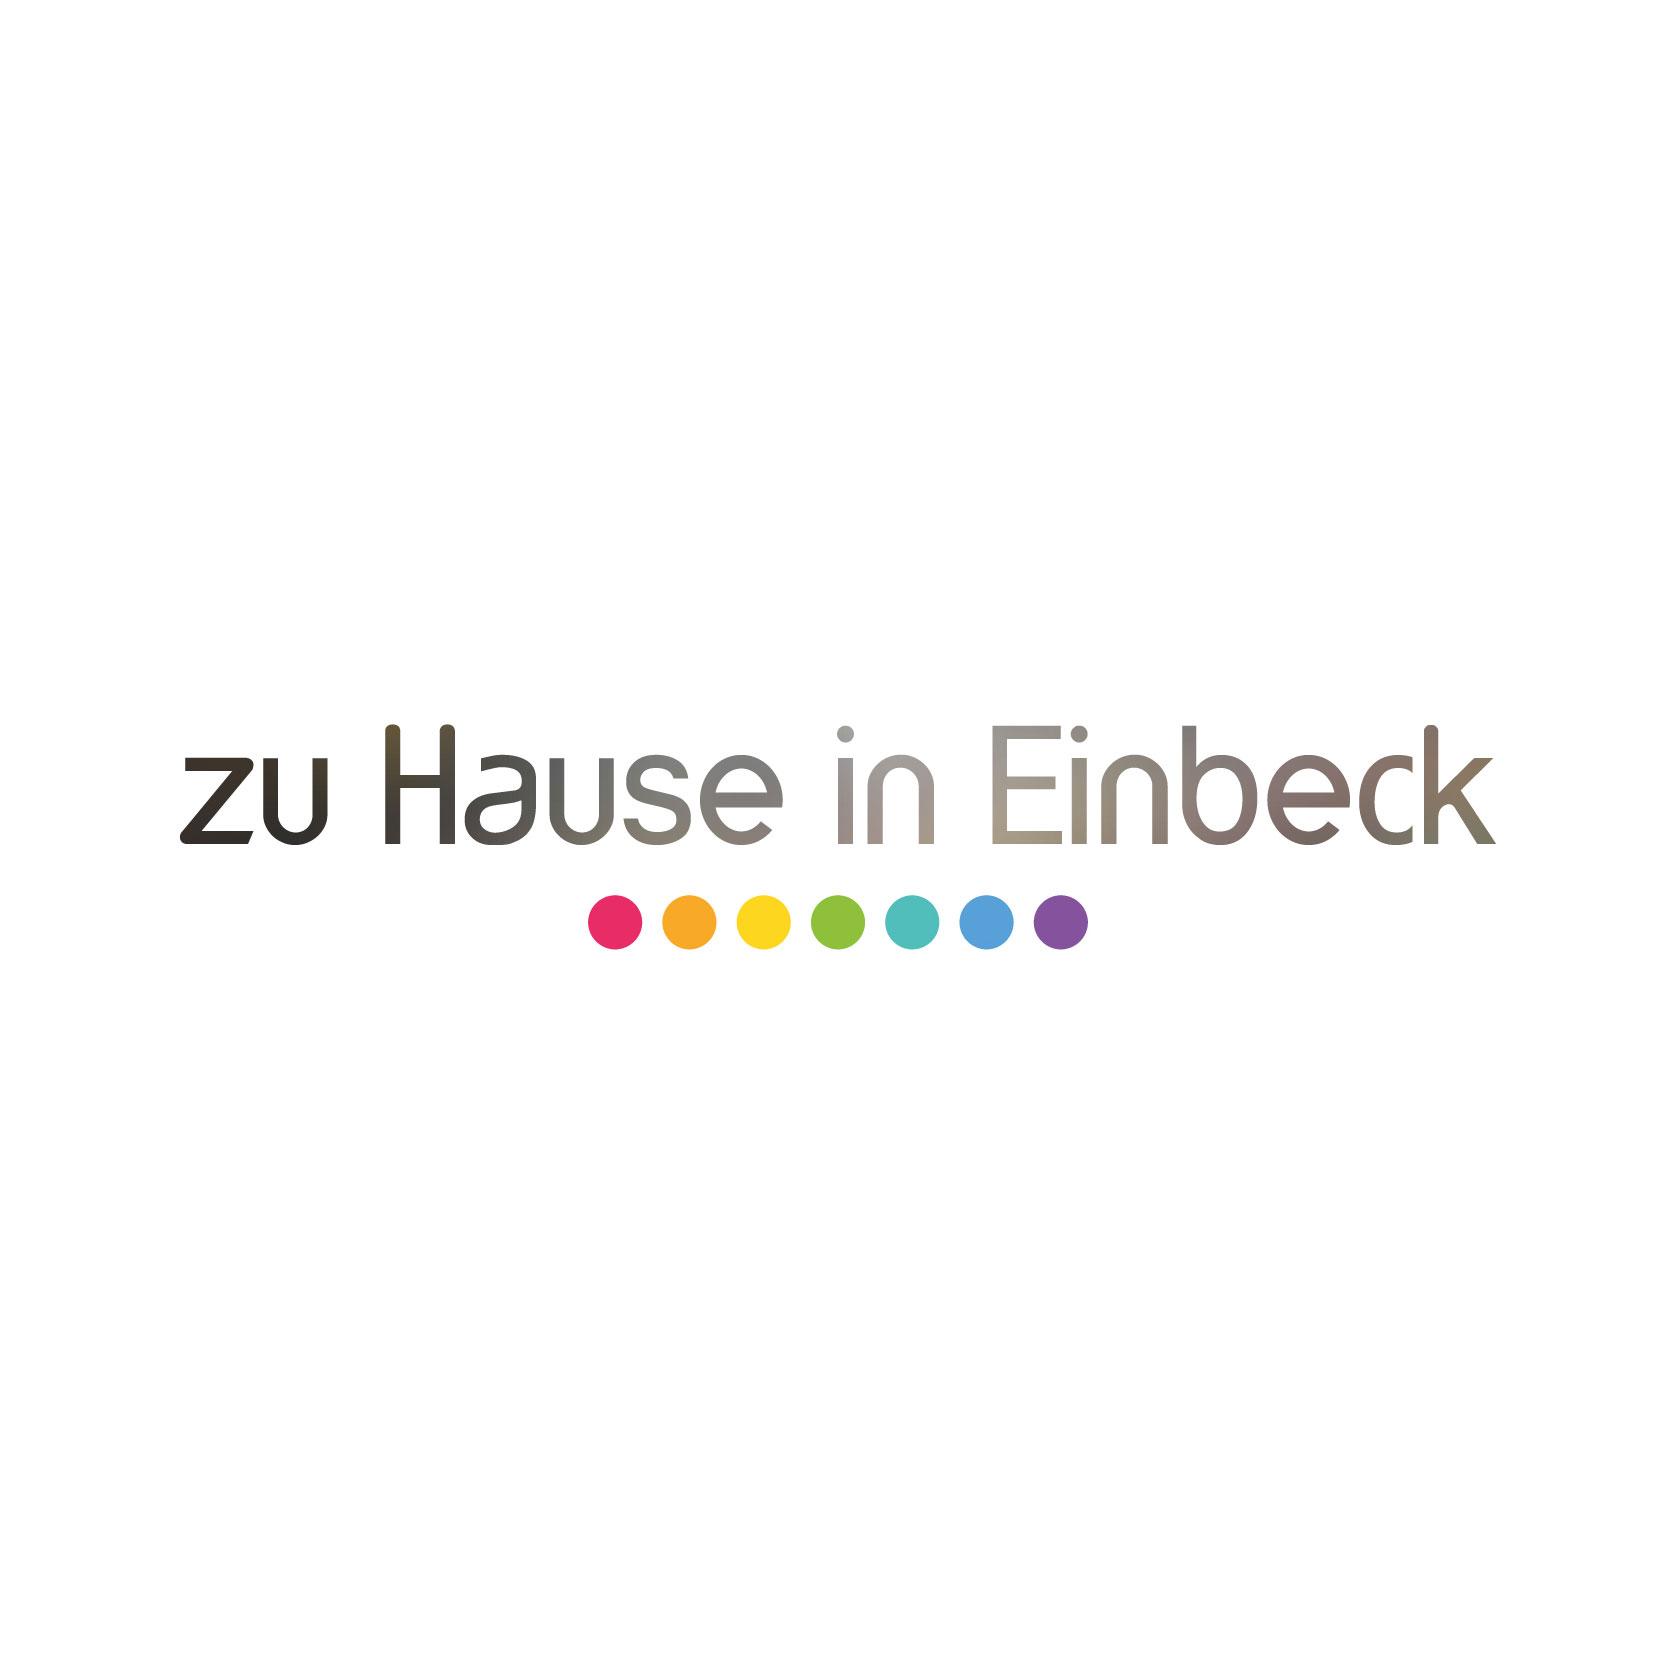 EINBECK MARKETING GmbH